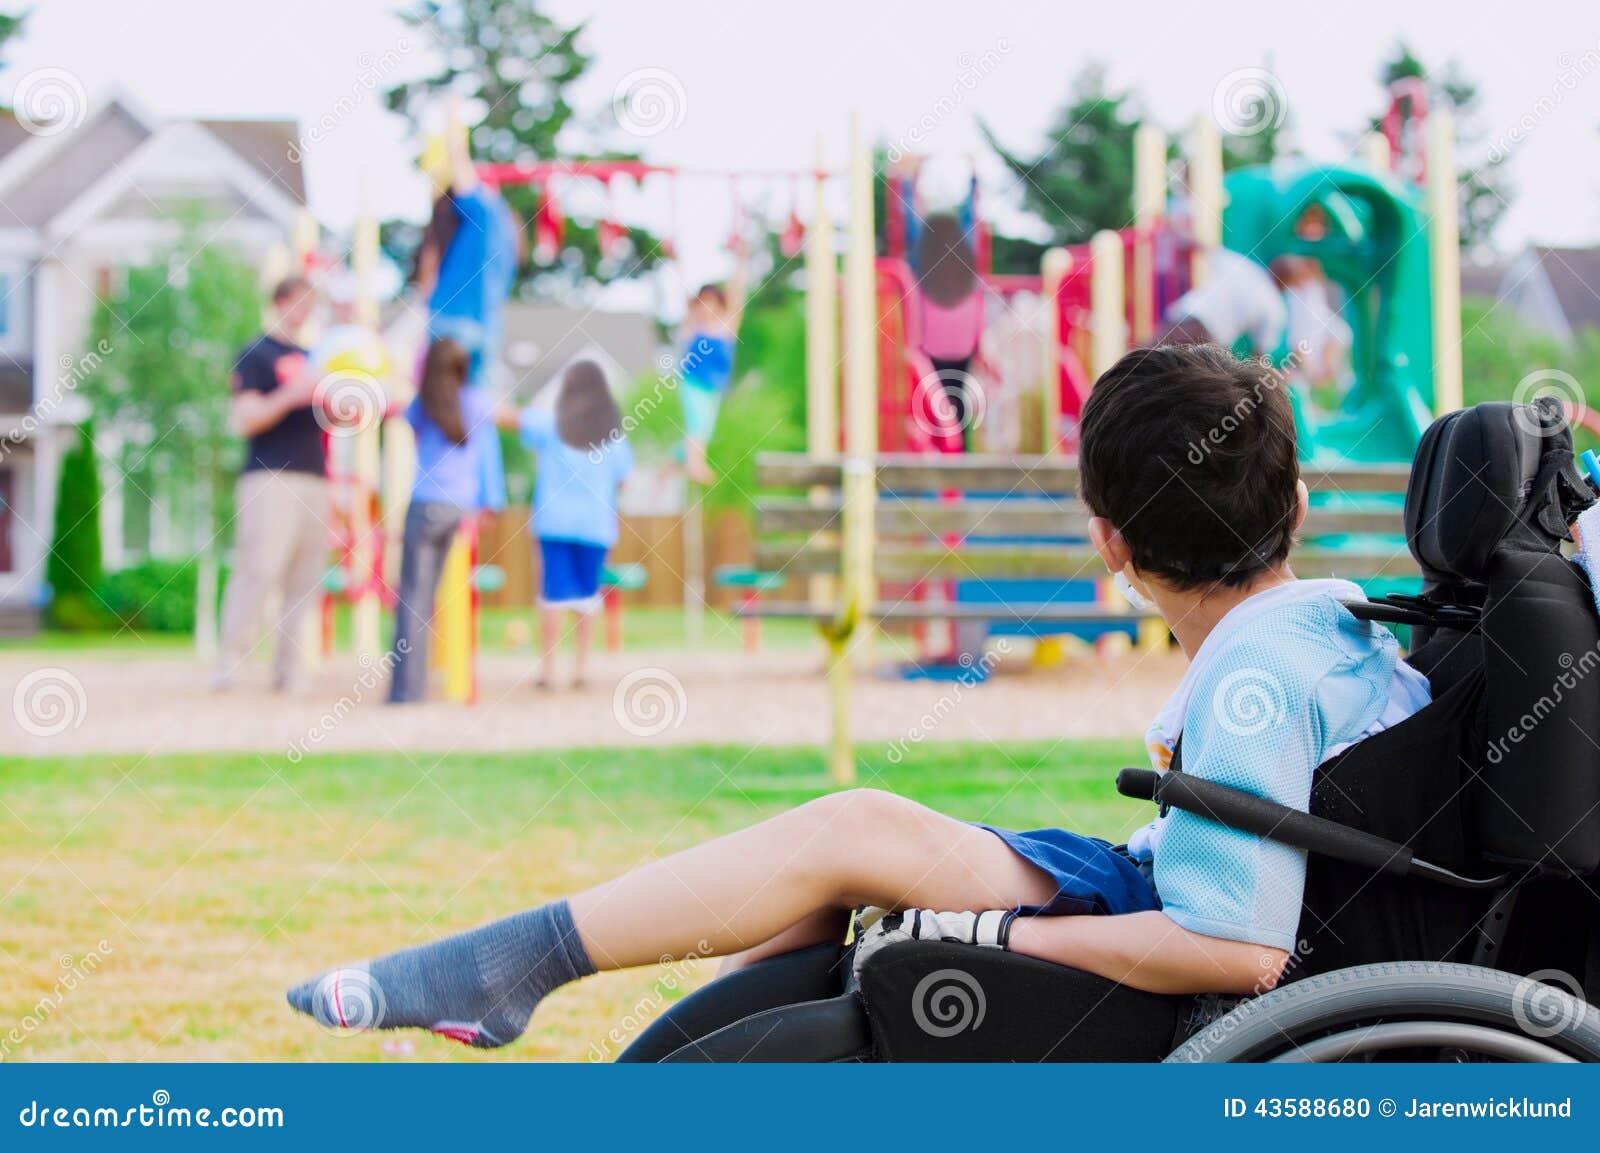 Behinderte Spiele